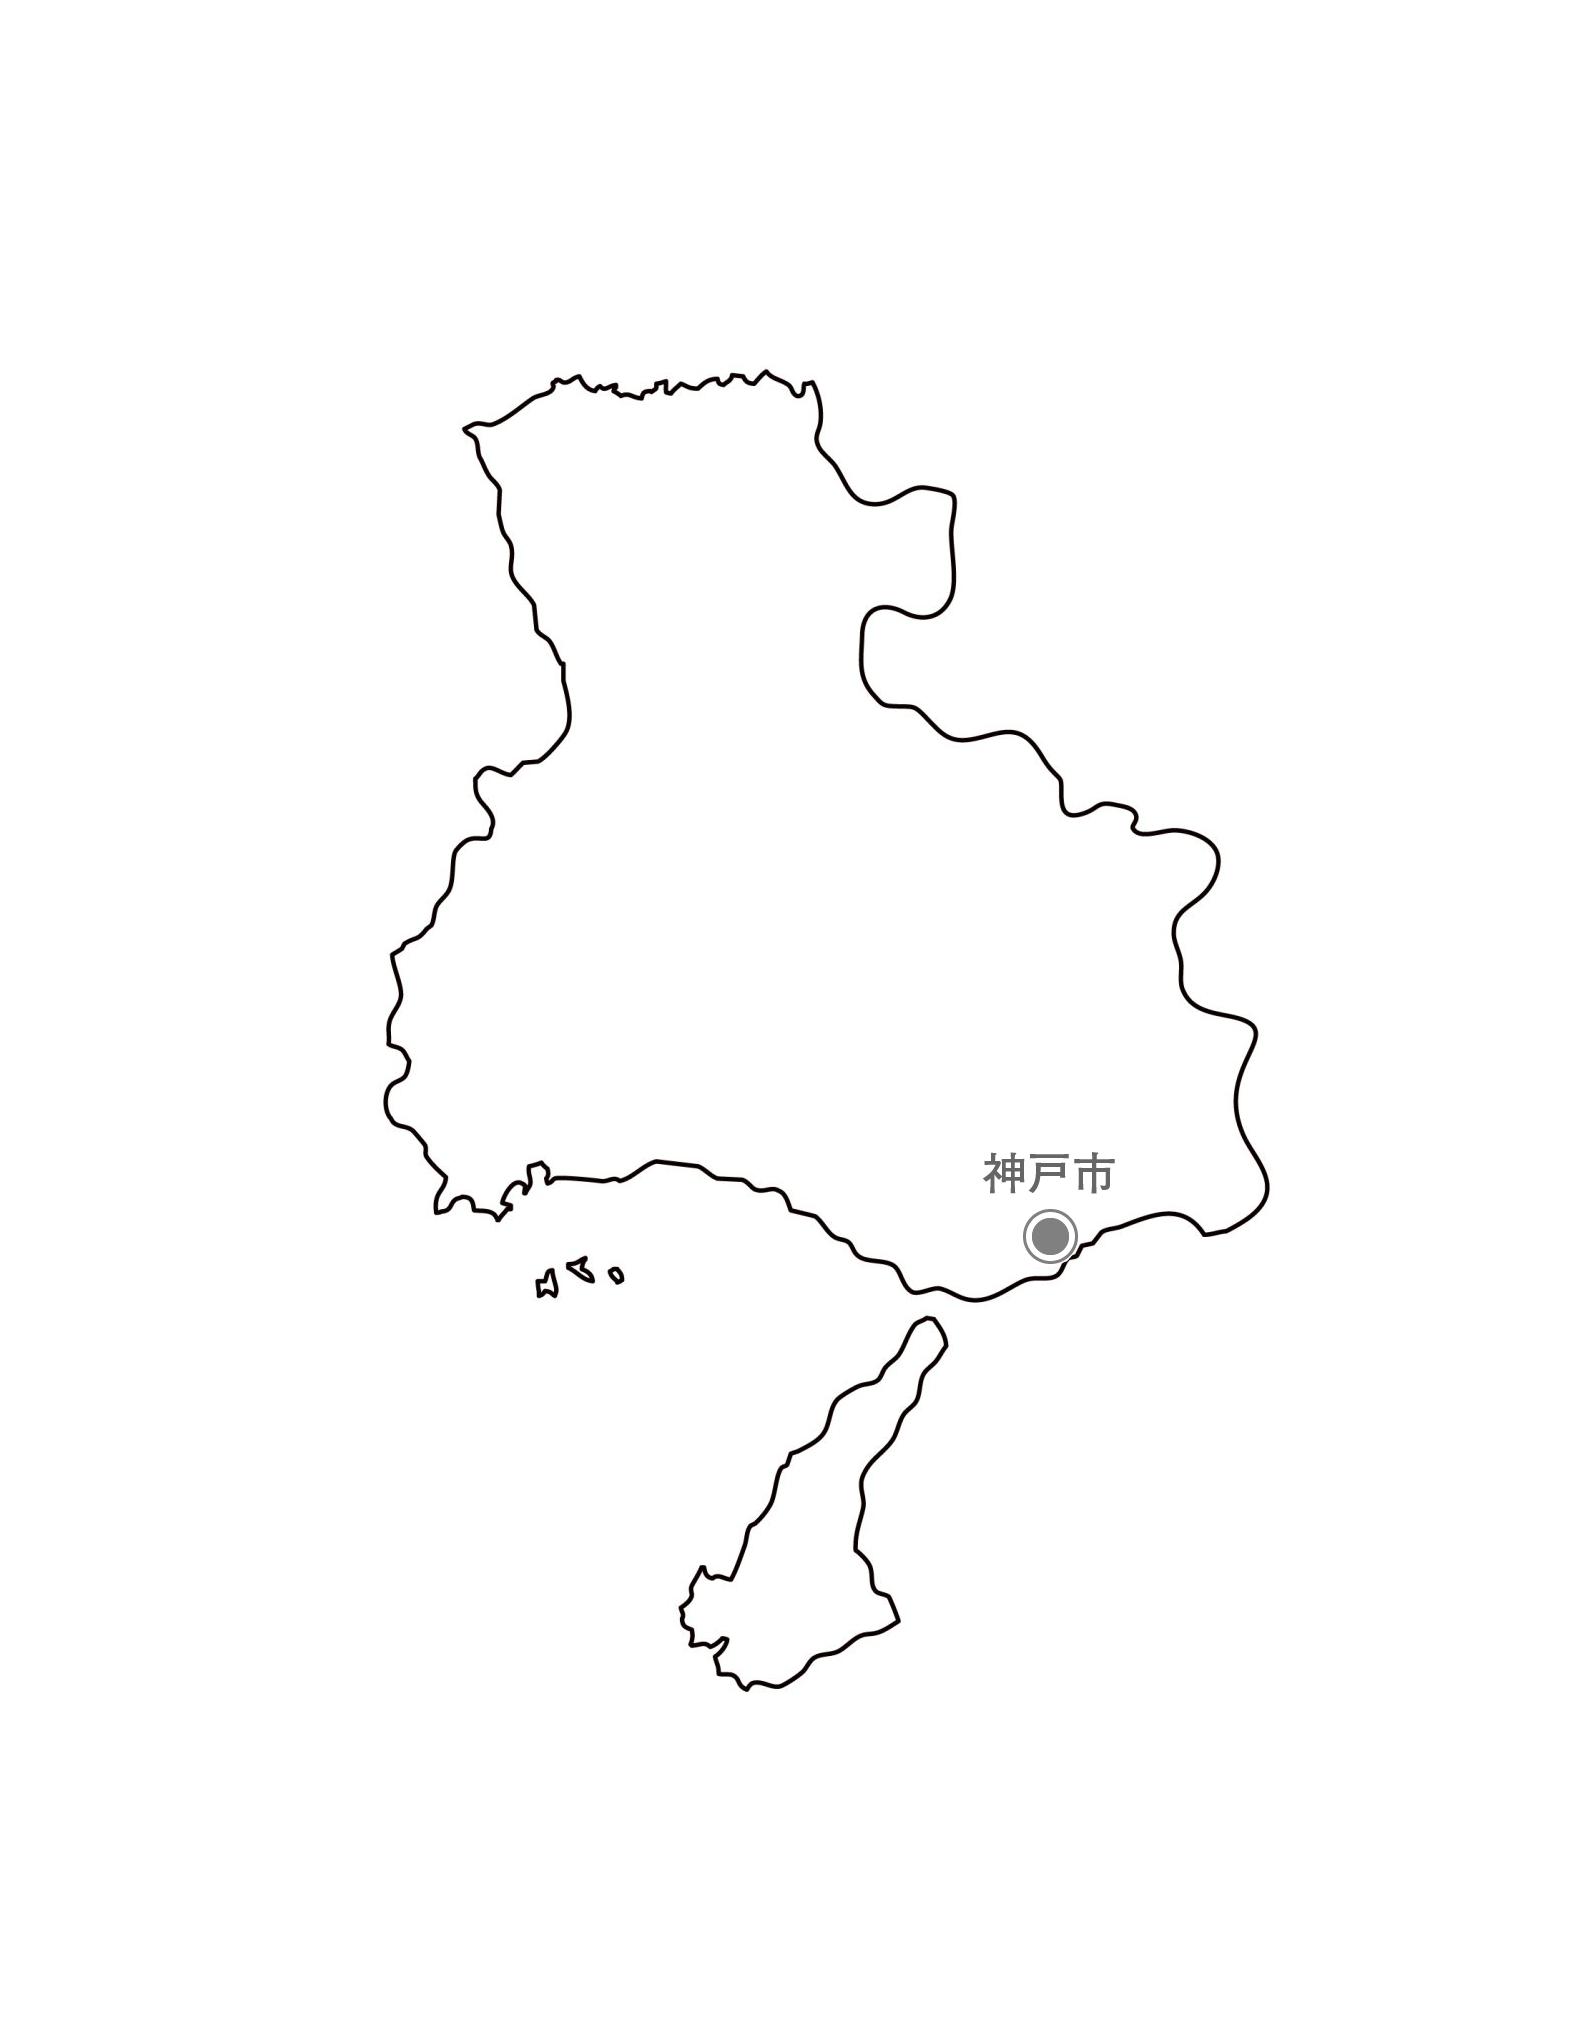 [白地図]兵庫県・都道府県名・県庁所在地あり